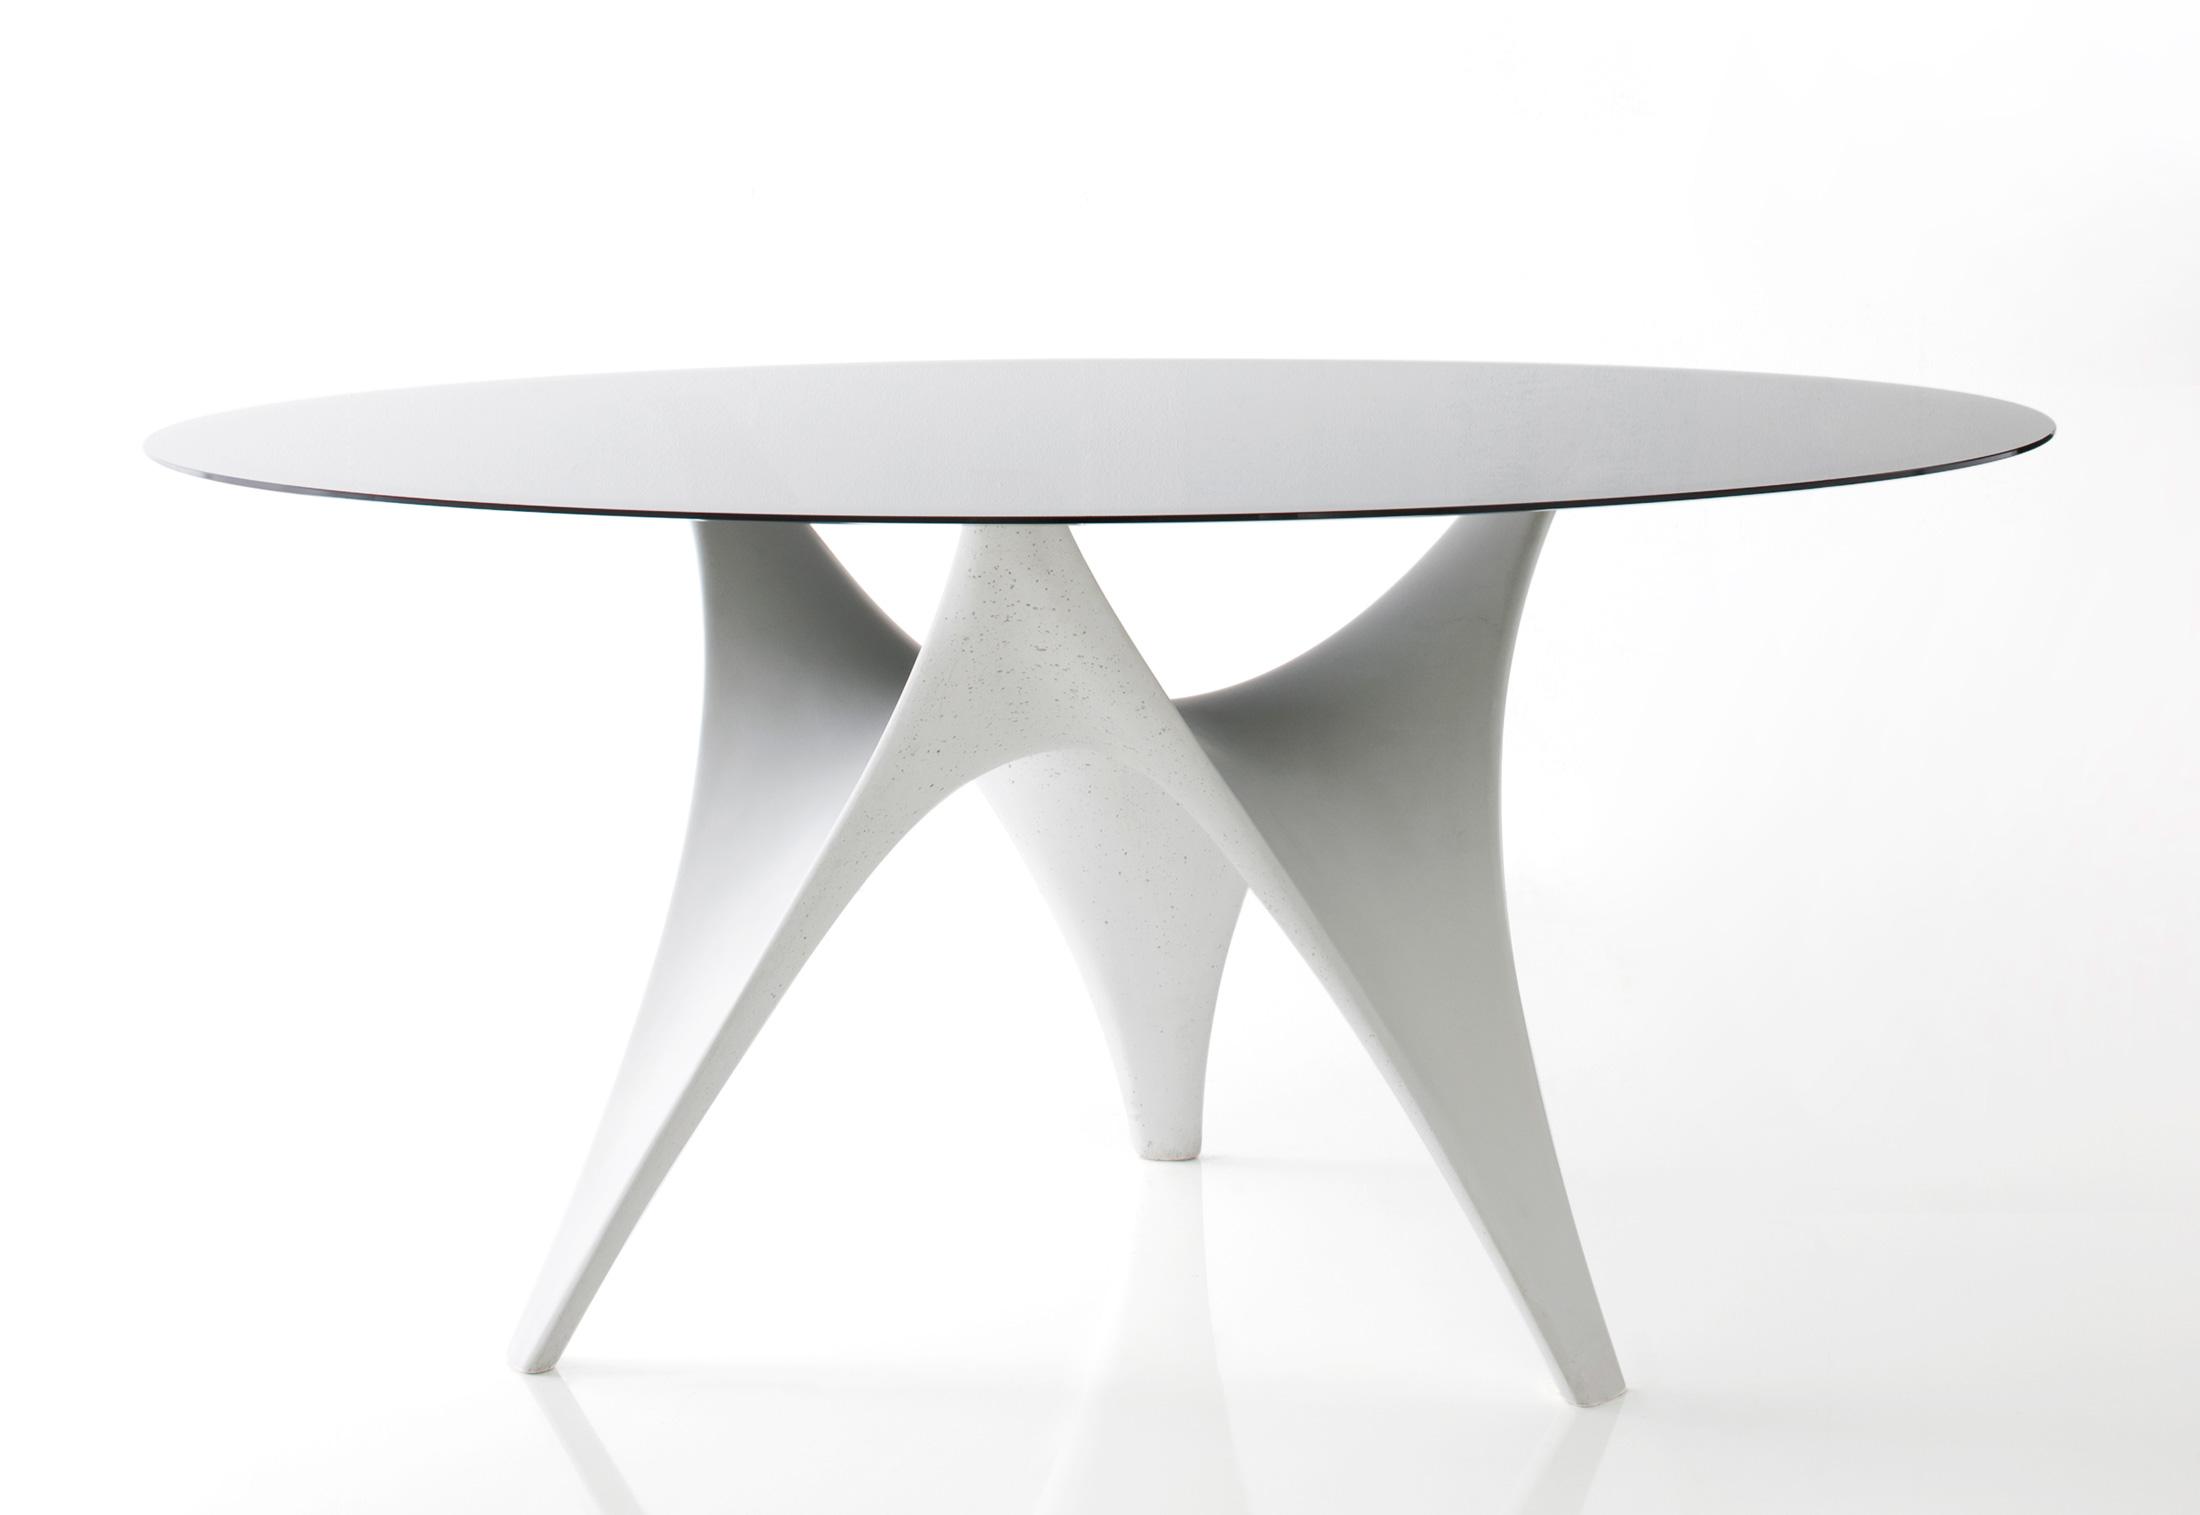 New home arreda molfetta arredamento casa mobili letti for Tavolo da pranzo molteni